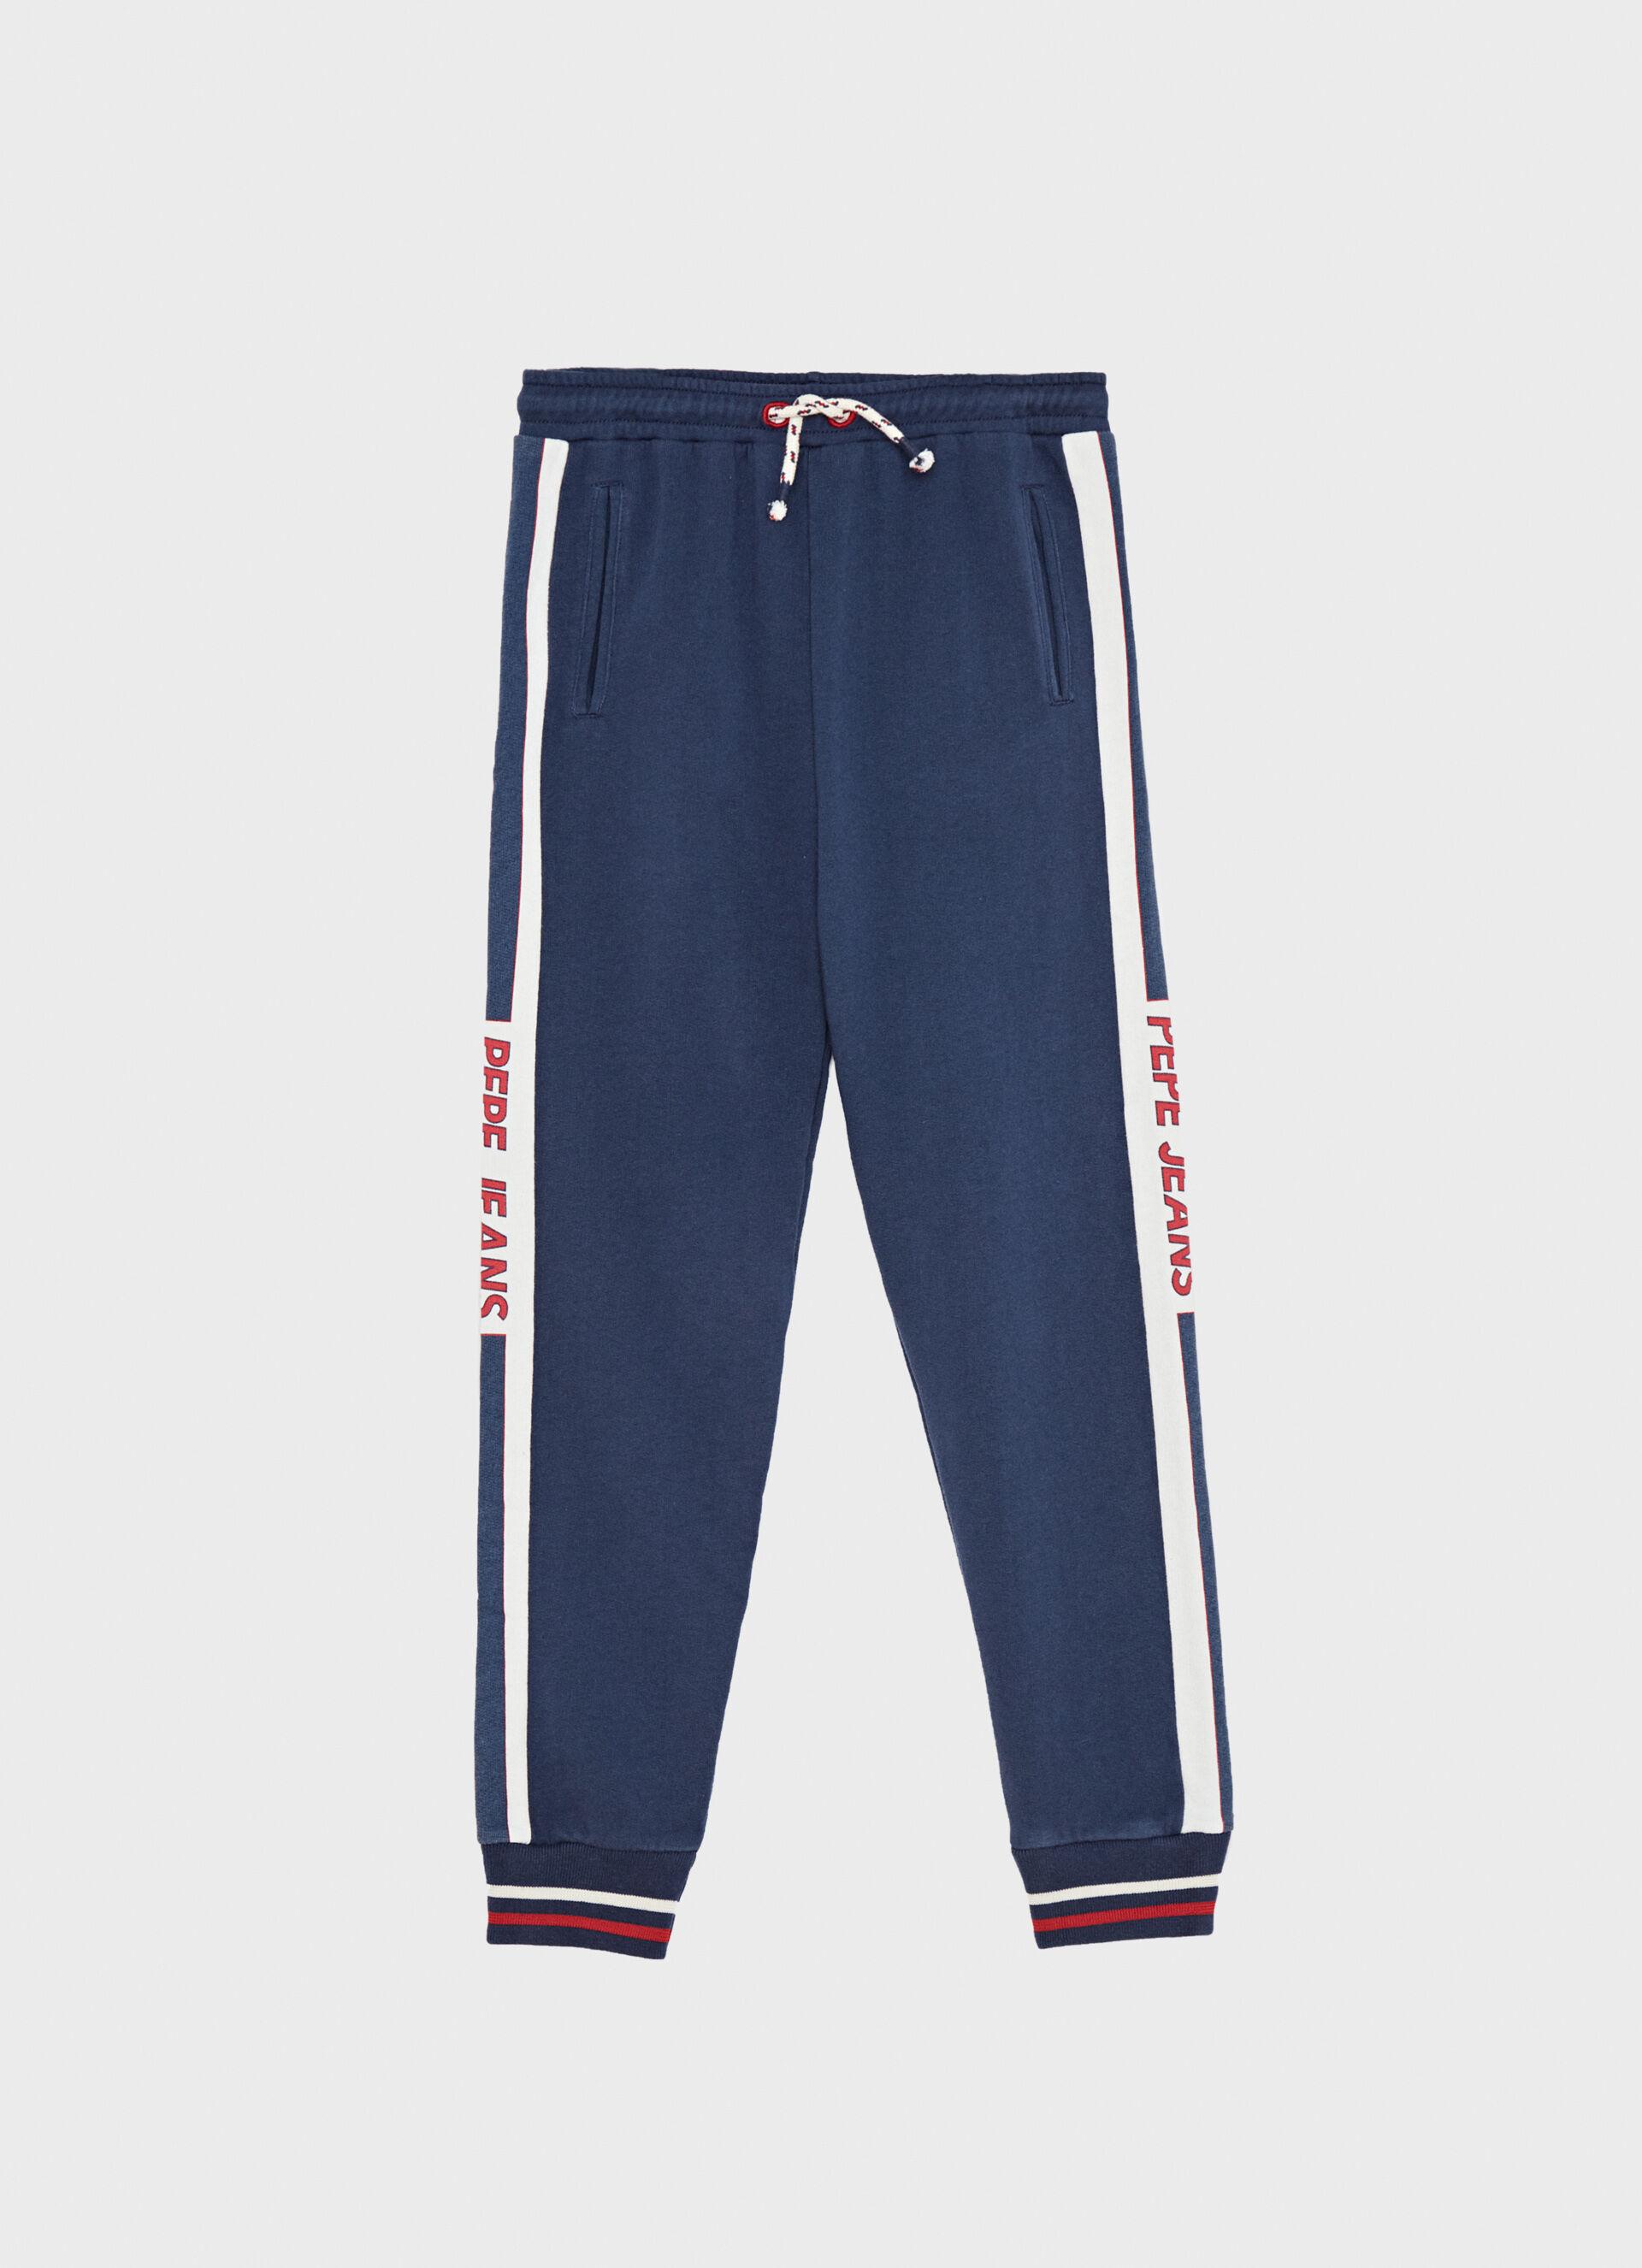 Pantalones deportivos Archive Retro con detalle acolchado